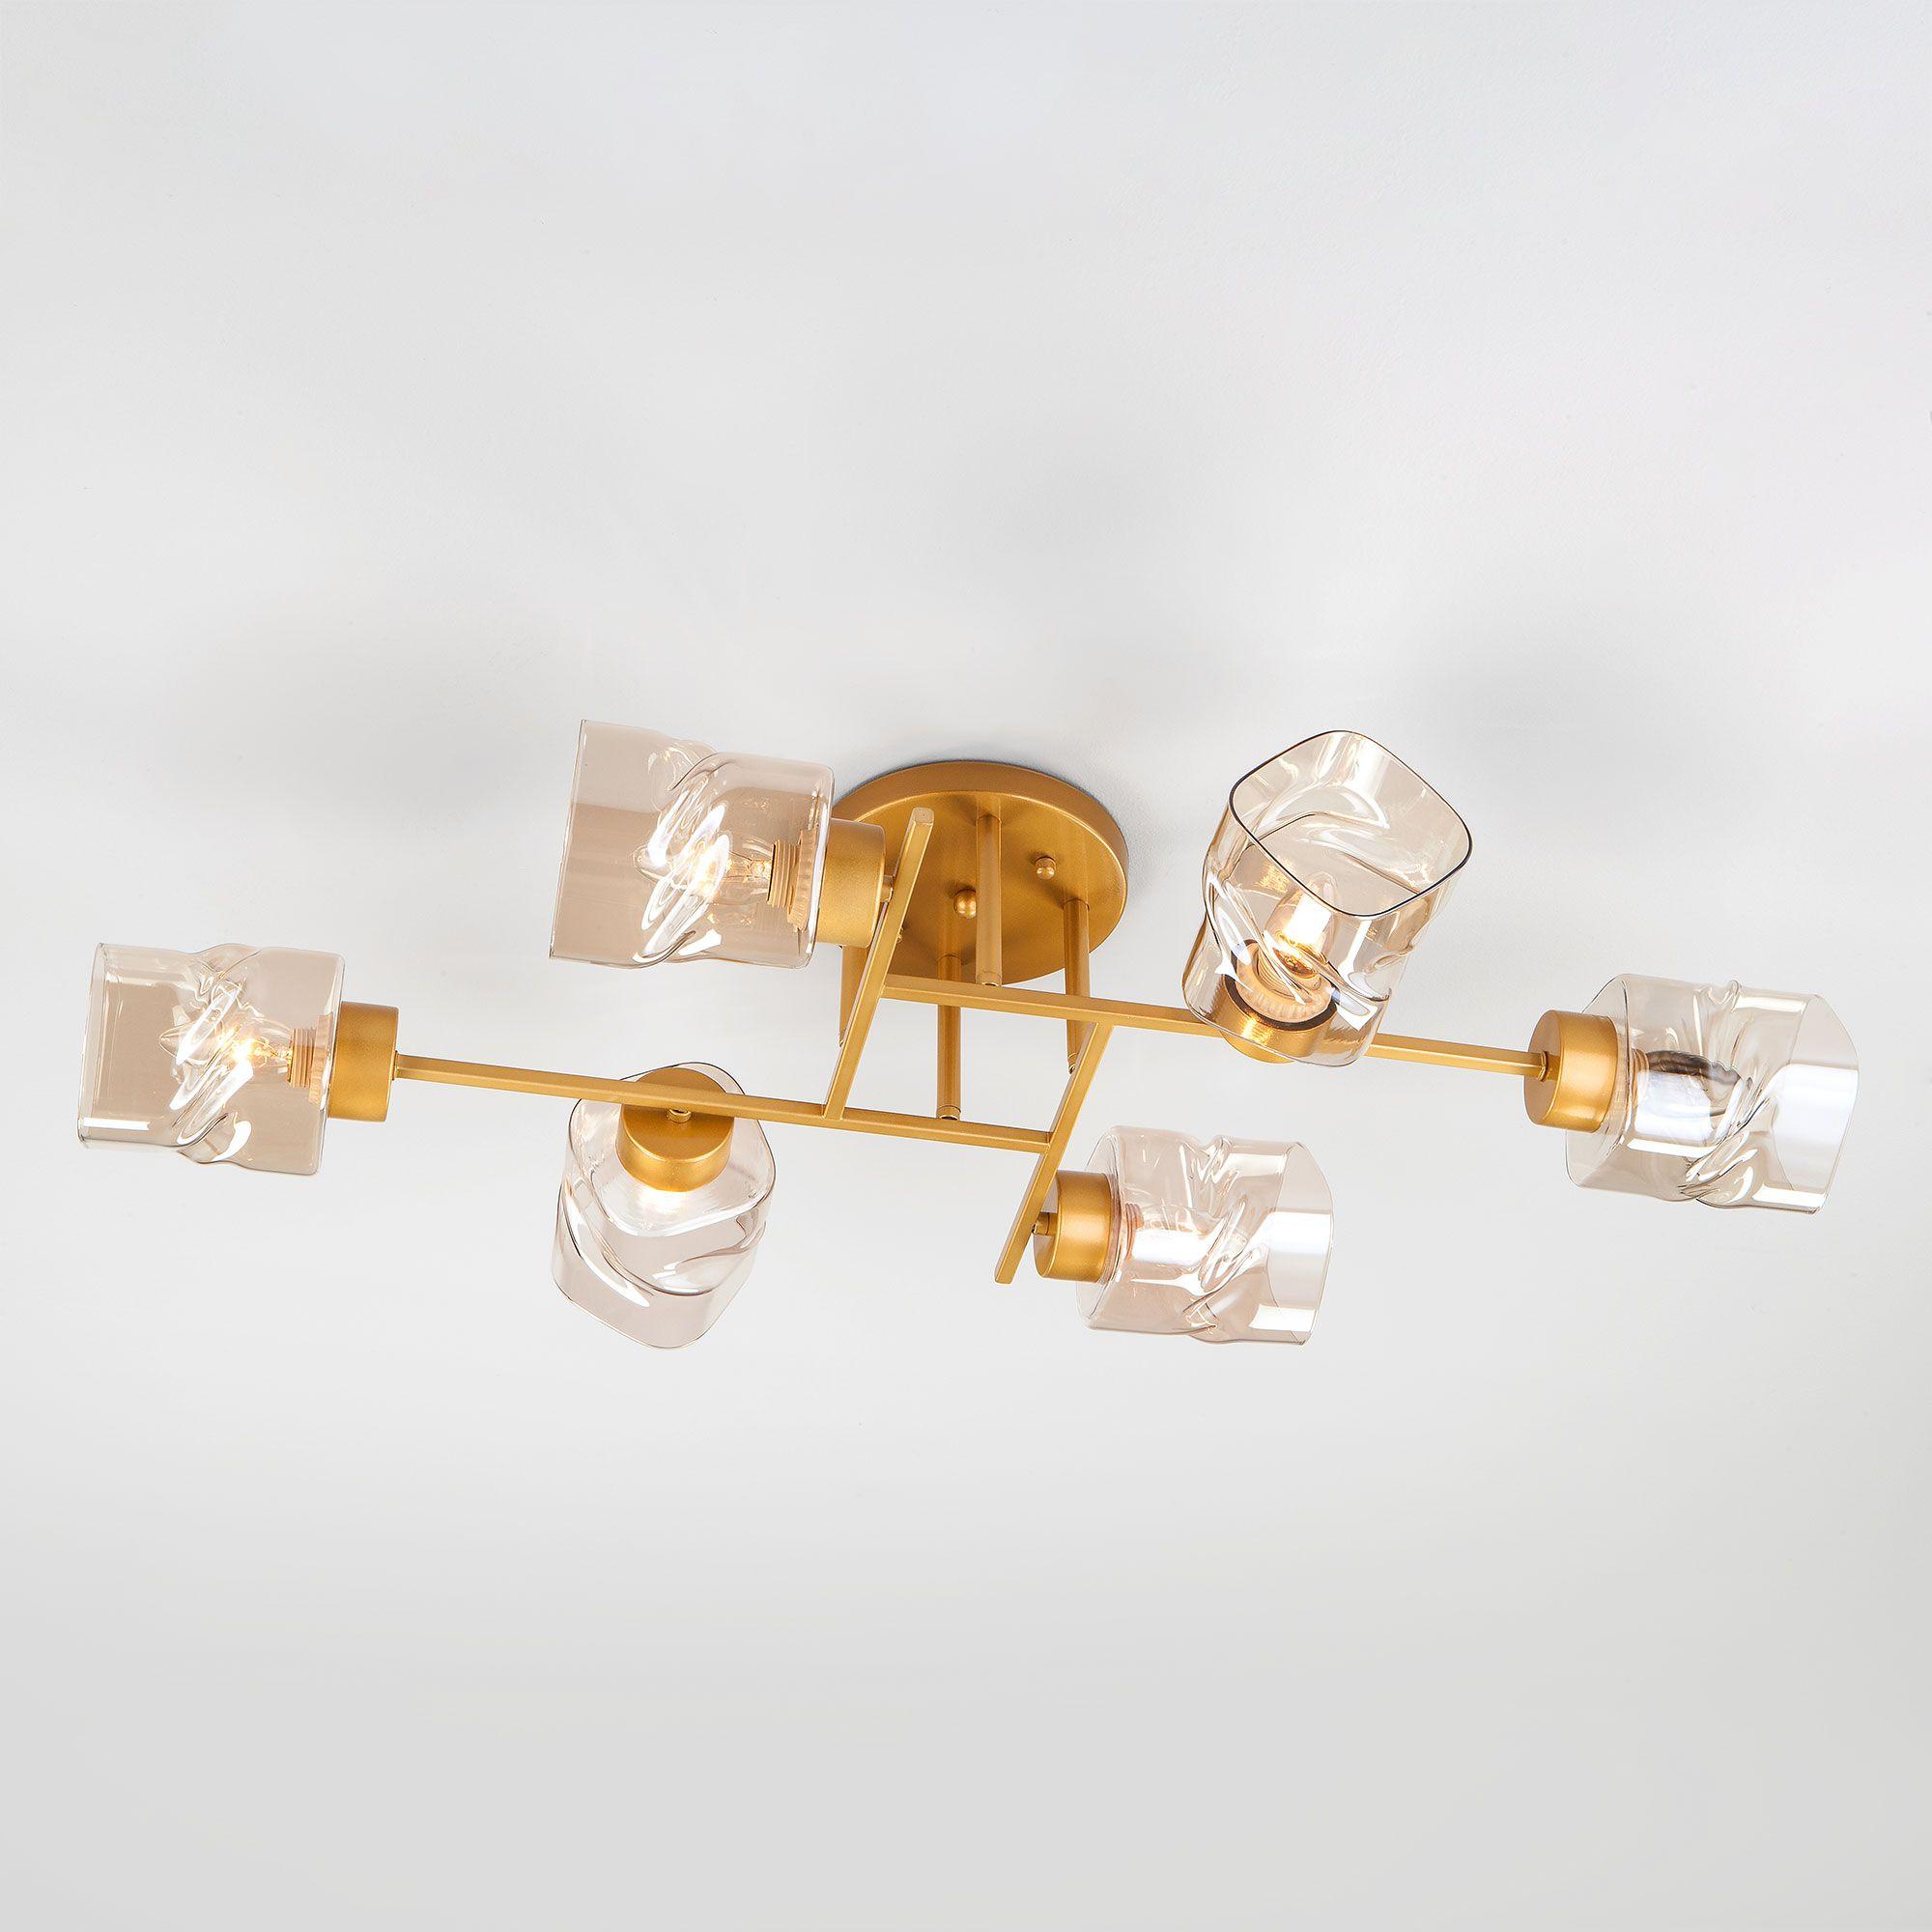 Потолочная люстра со стеклянными плафонами 30165/6 перламутровое золото